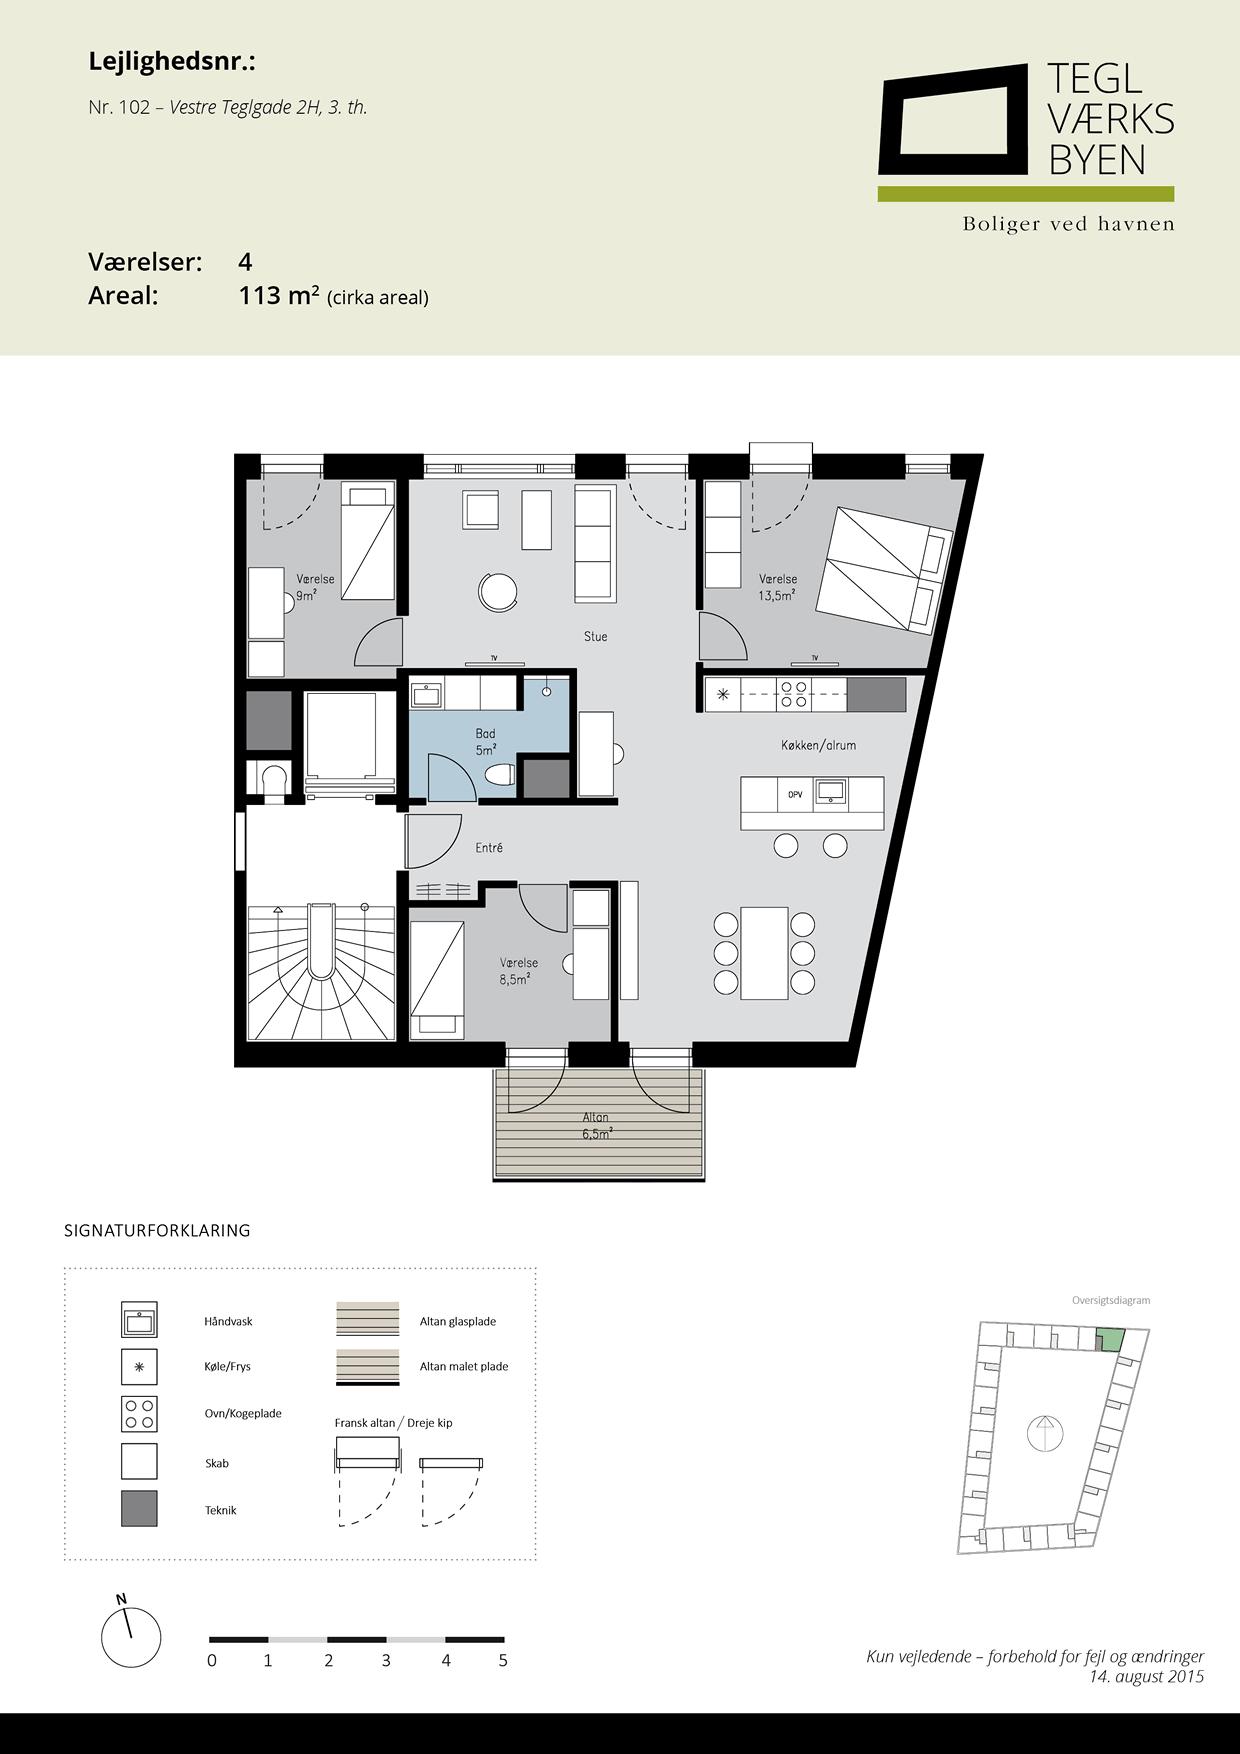 Teglvaerksbyen_102_plan